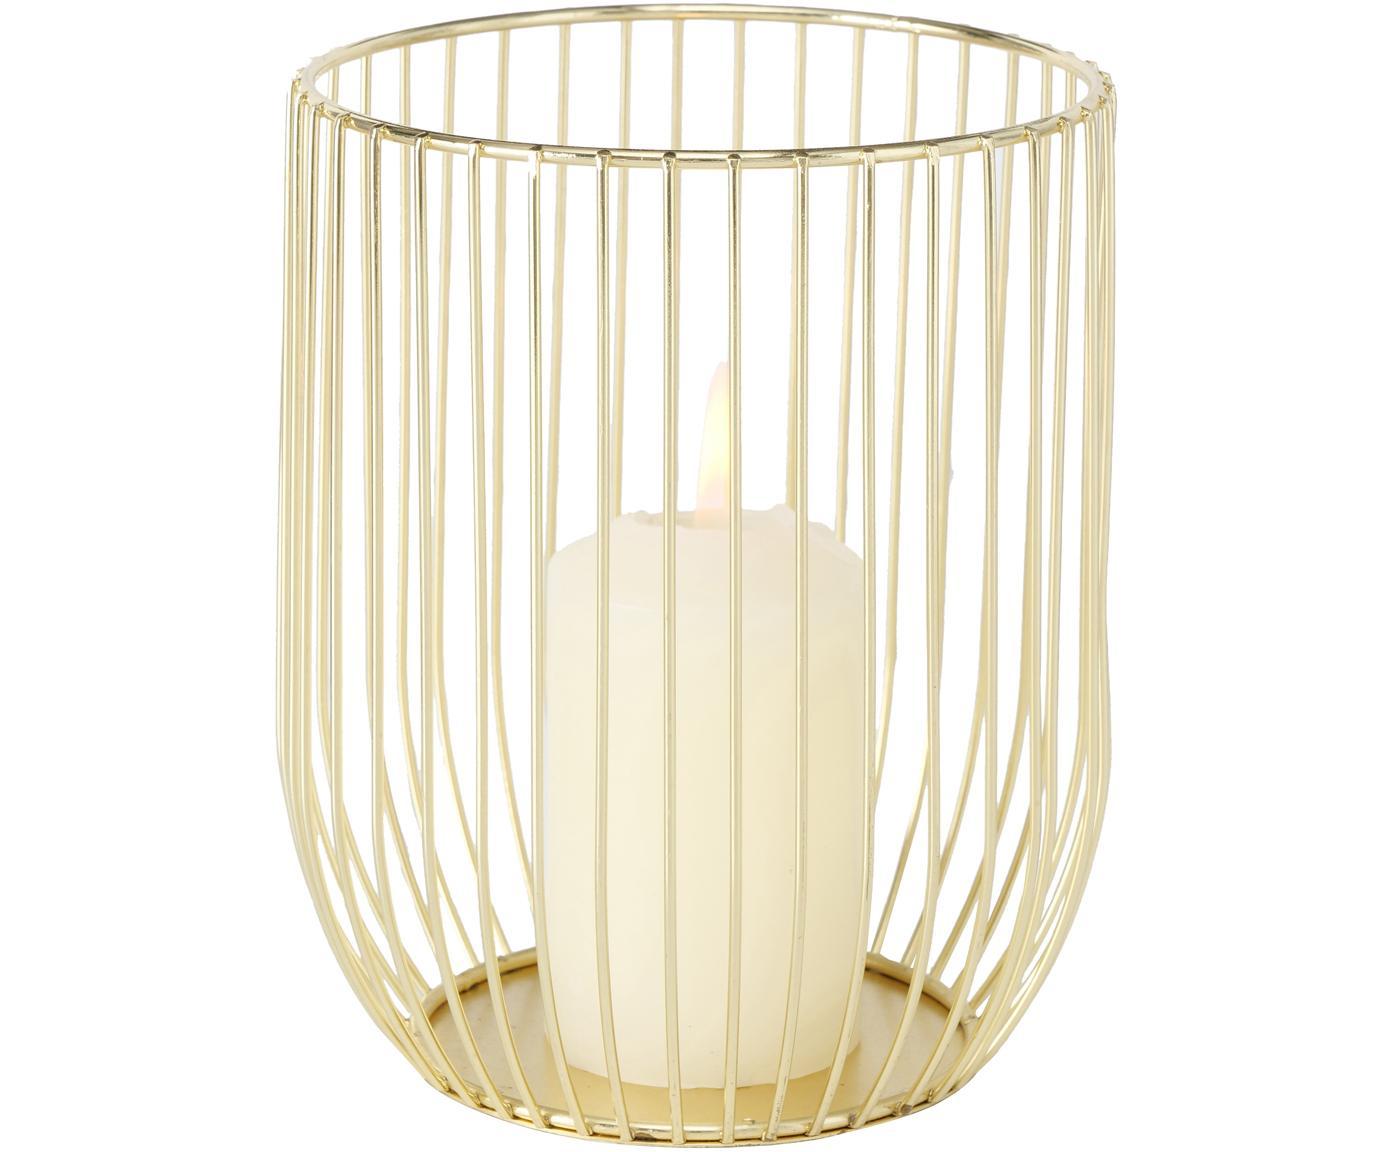 Windlichter-Set Liza, 2-tlg., Metall, pulverbeschichtet, Goldfarben, Sondergrößen